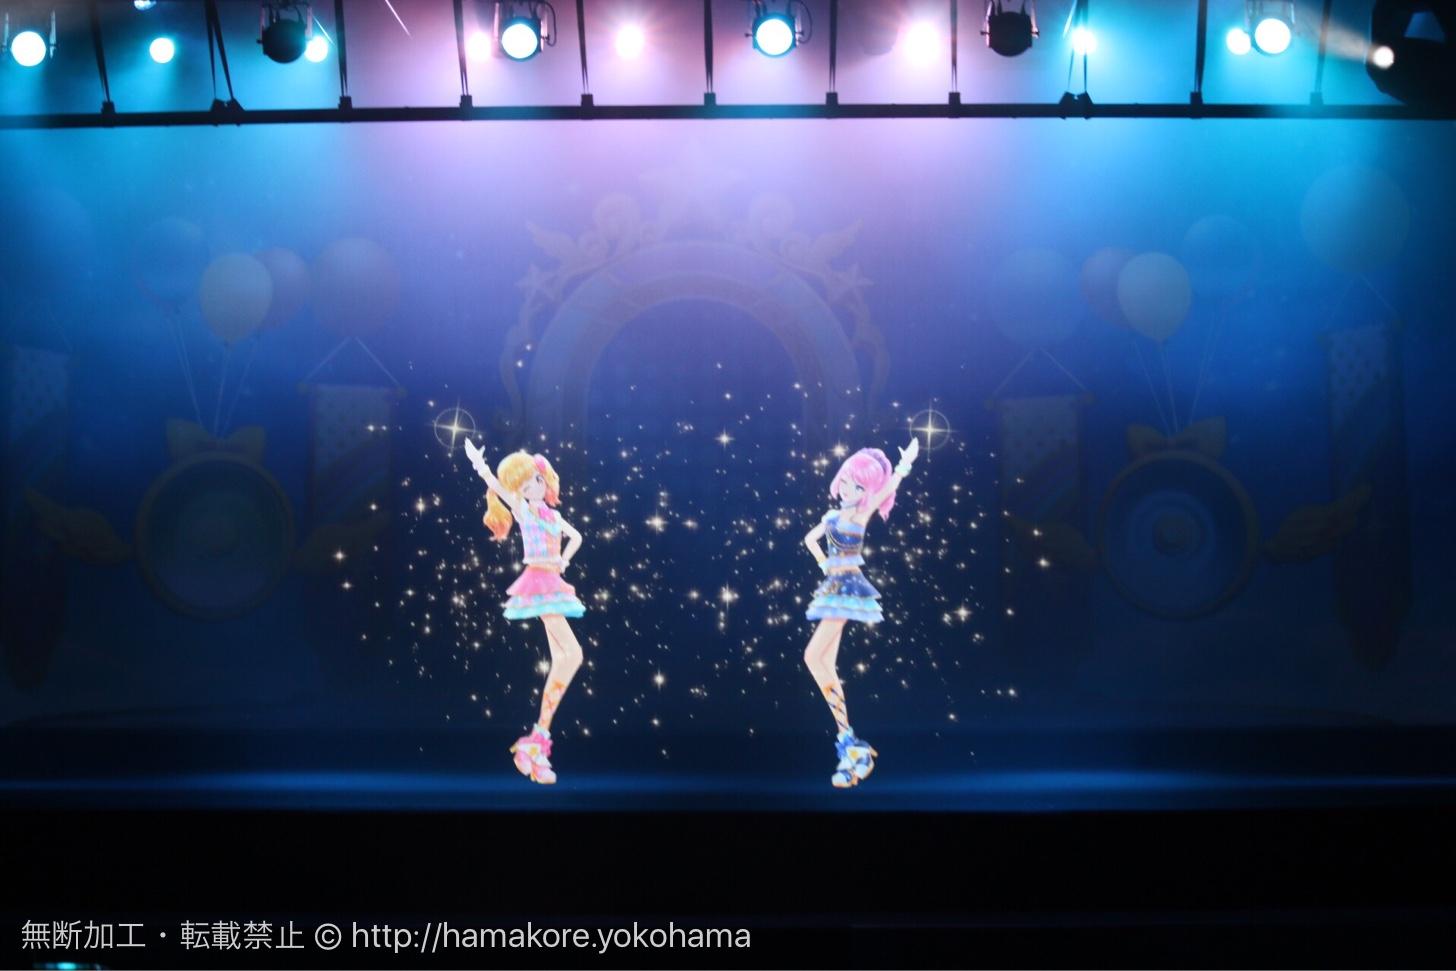 DMM VR THEATERで「アイカツ!LIVEイリュージョン」が上映!新ステージは2月11日より受付開始